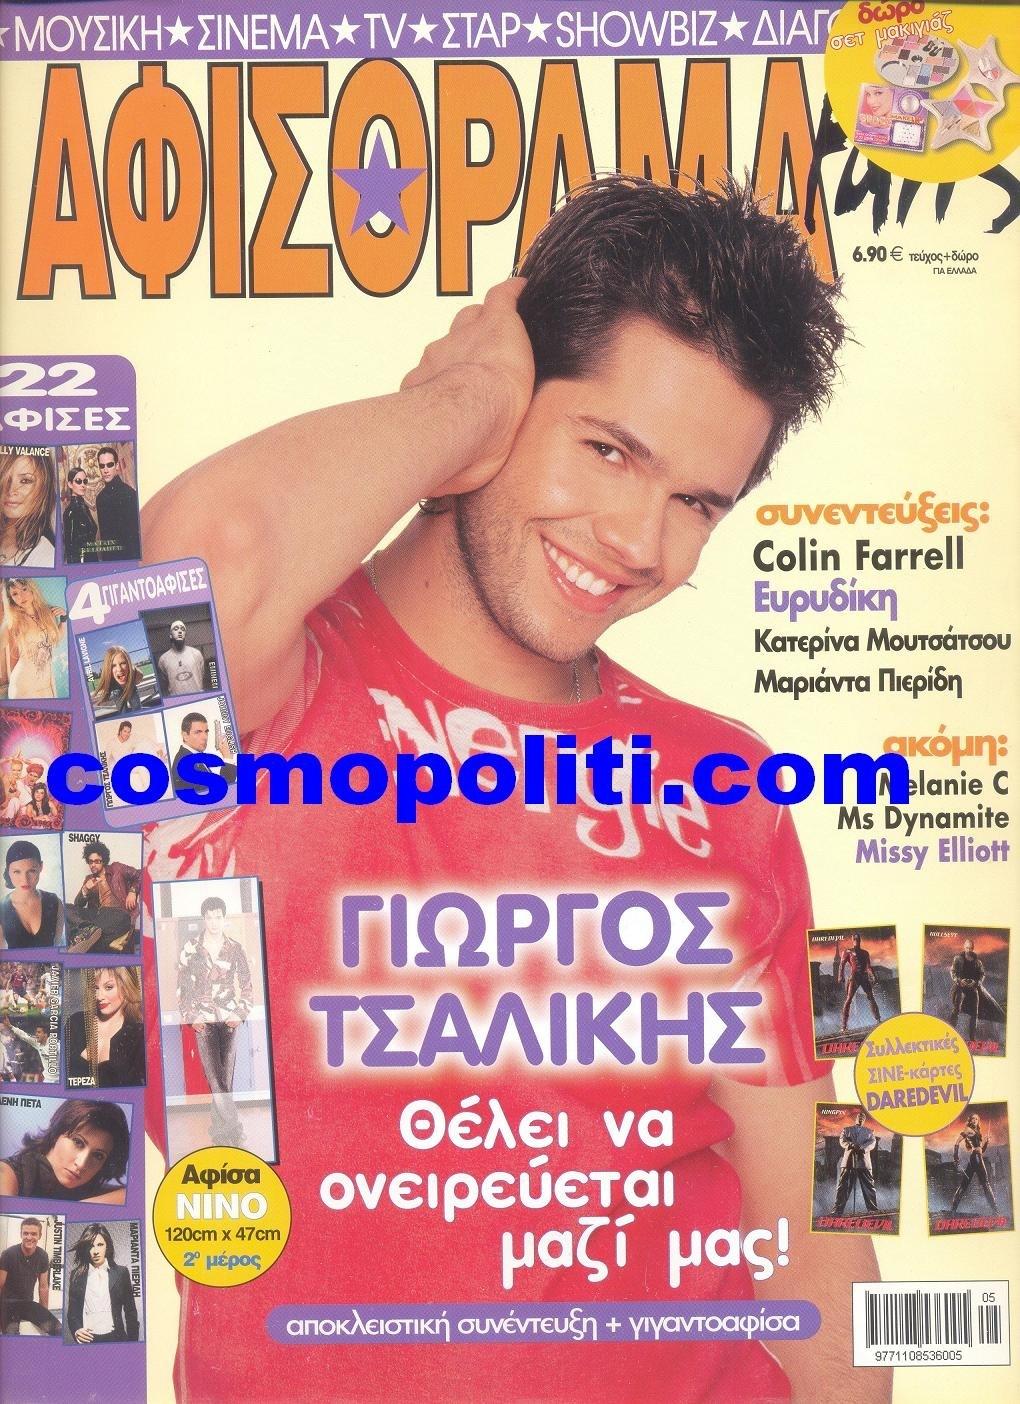 20121223-194136.jpg